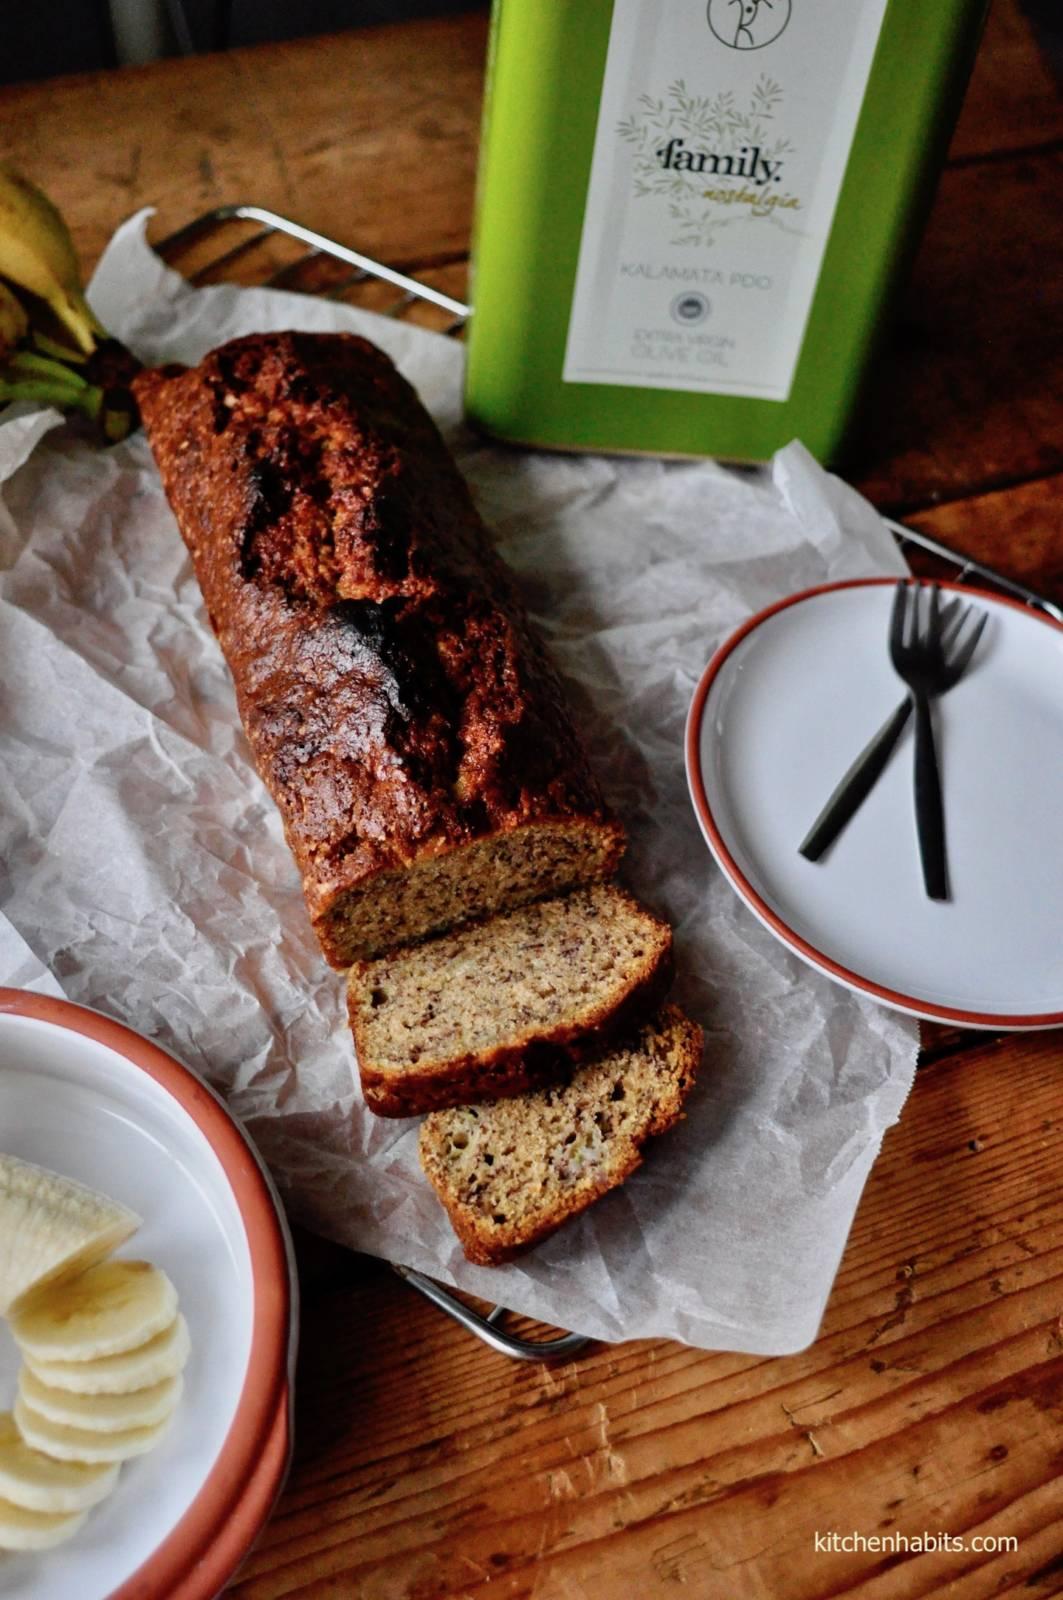 Κέικ μπανάνα με ελαιόλαδο – Banana bread with olive oil